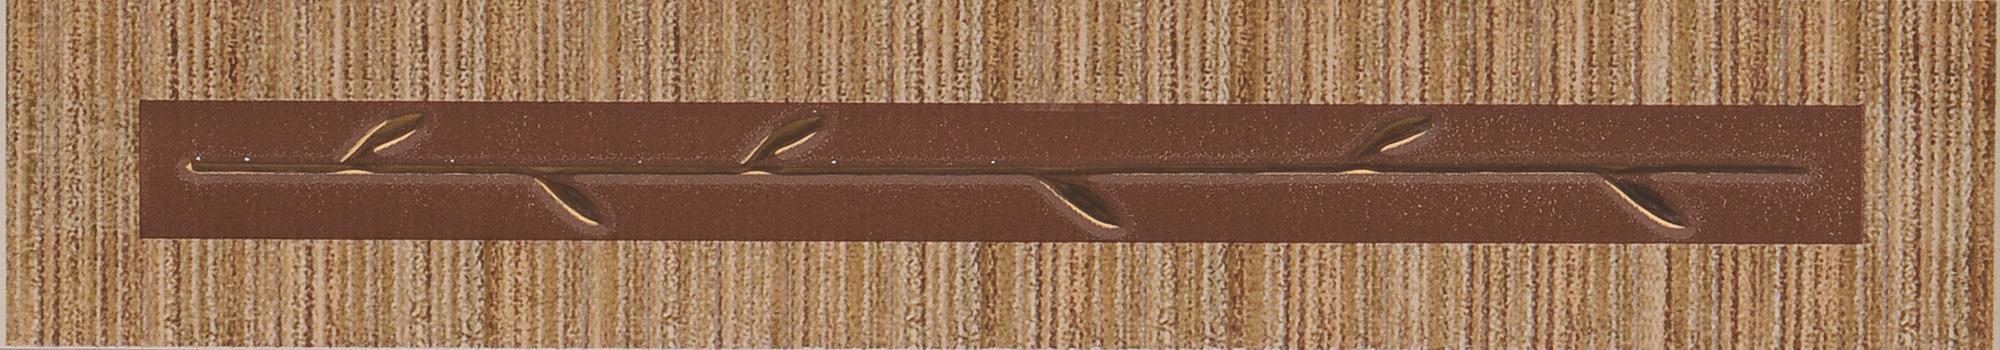 05 Porte Cizgi väike BRS740 5x25 - Hansas Plaadimaailm